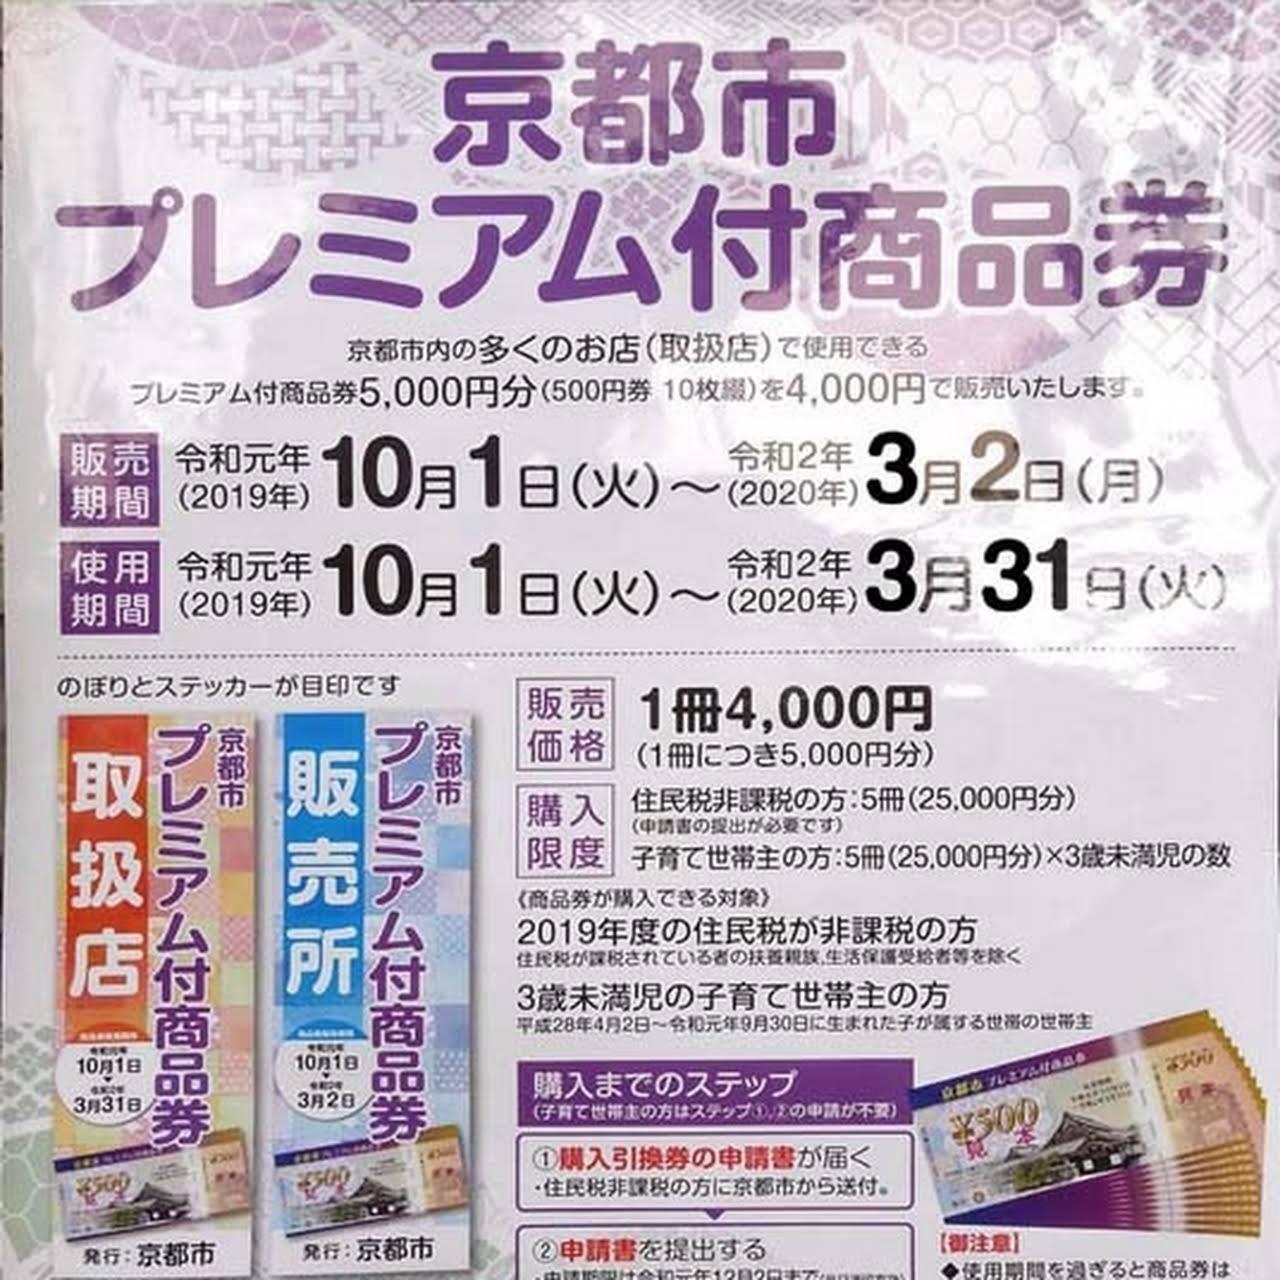 京都 市 プレミアム 付 商品 券 取扱 店